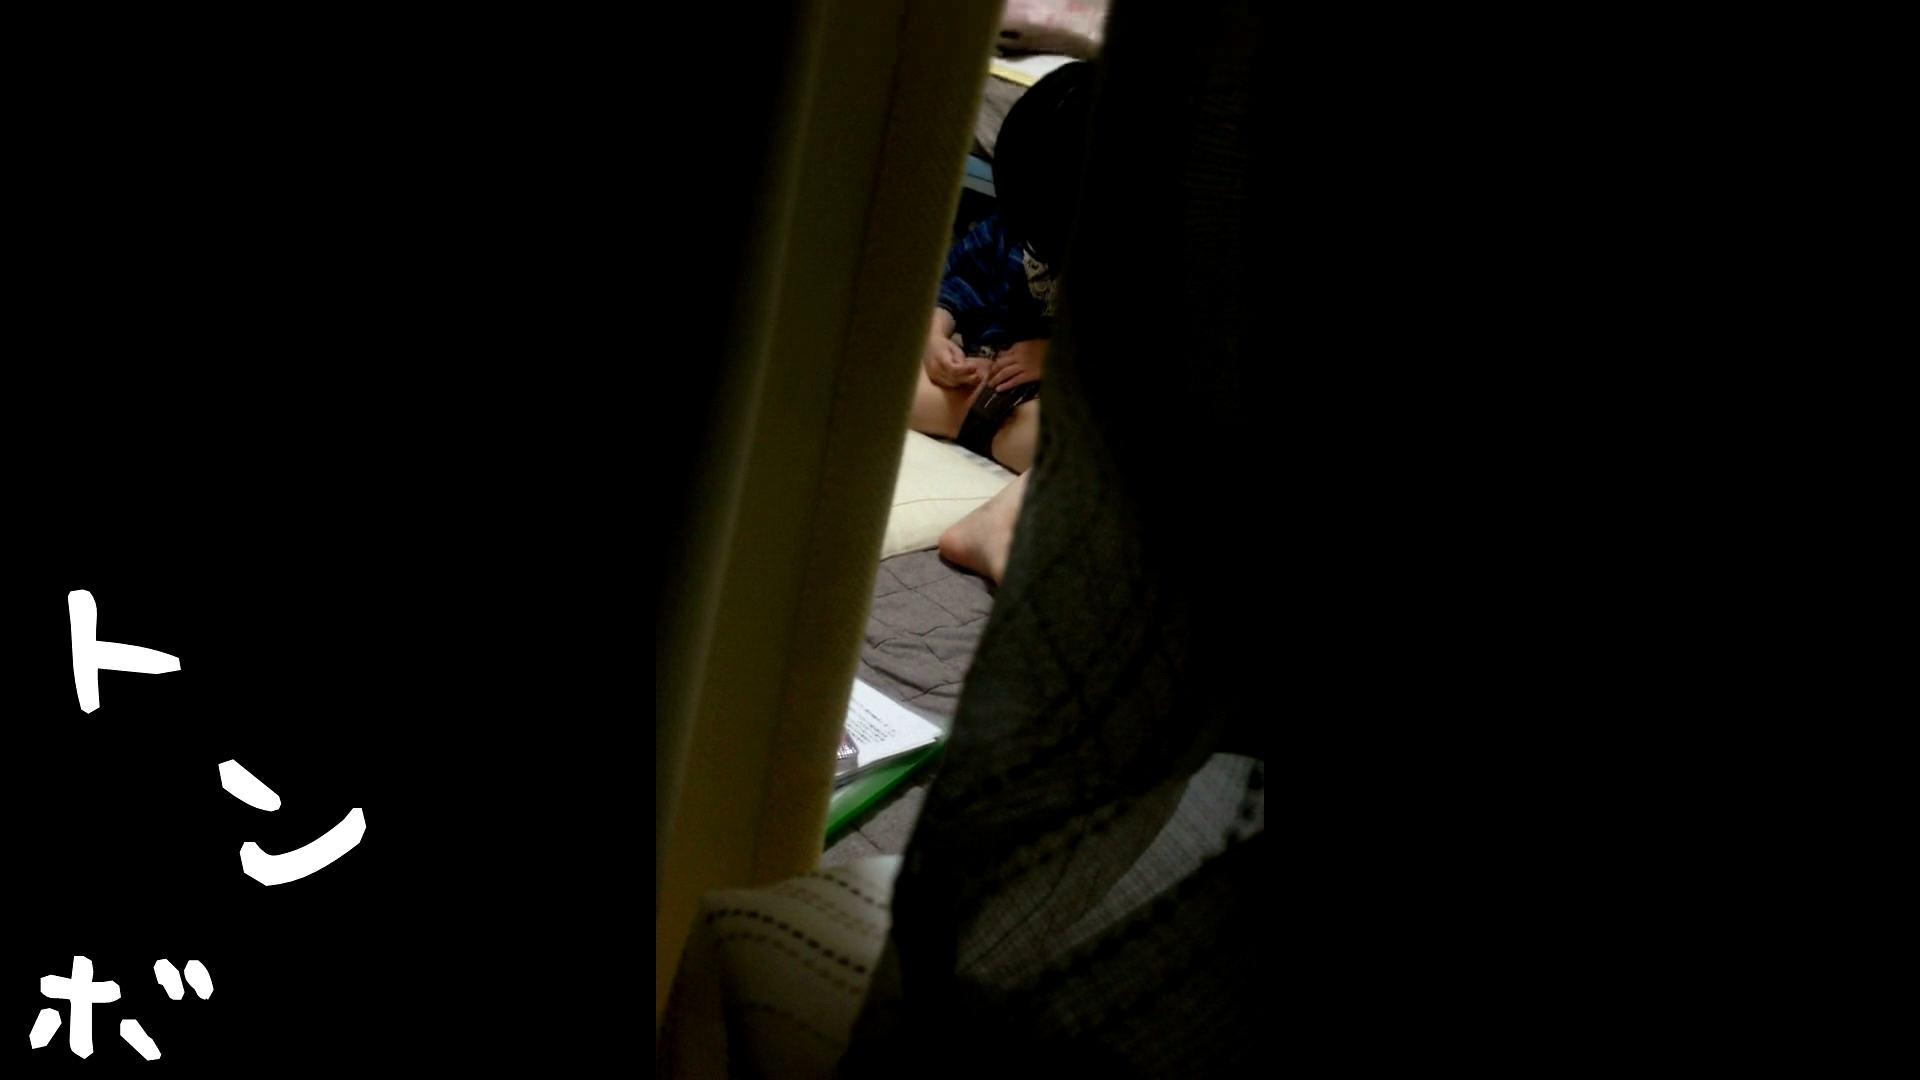 リアル盗撮 作家志望J子 アソコのお手入れ最中に感じてパンツを湿らす 潜入 覗きおまんこ画像 105pic 83